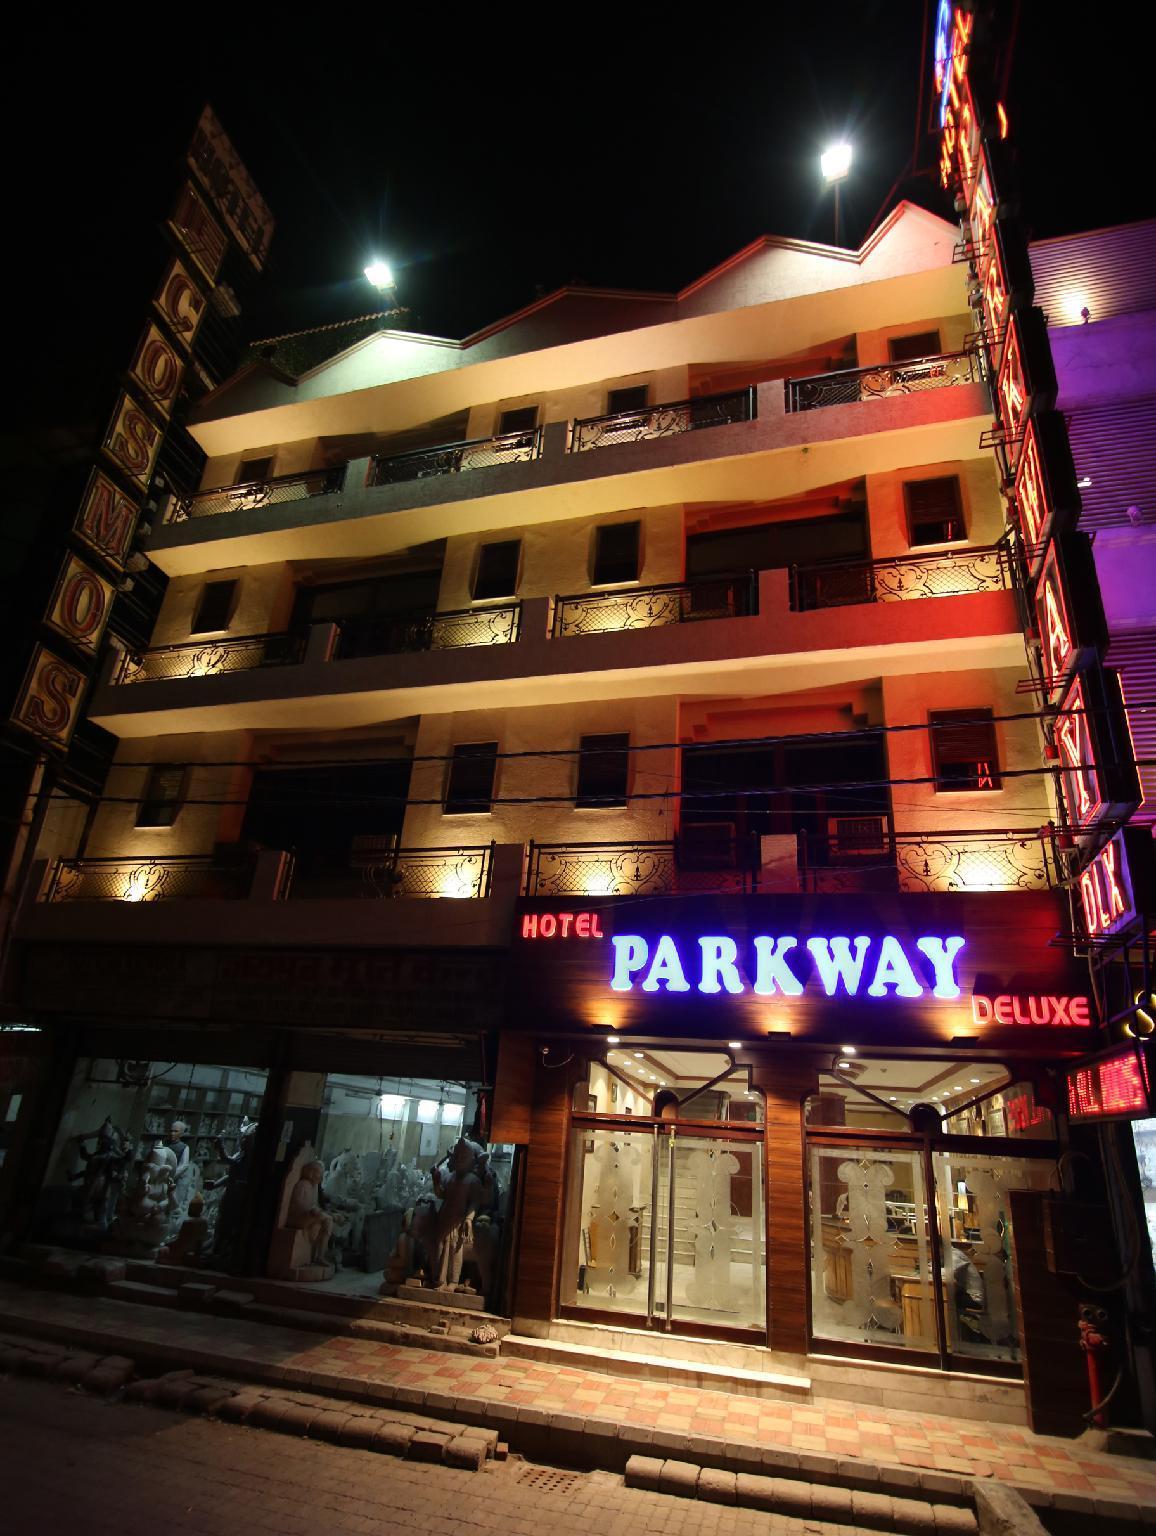 Hotel Parkway Deluxe